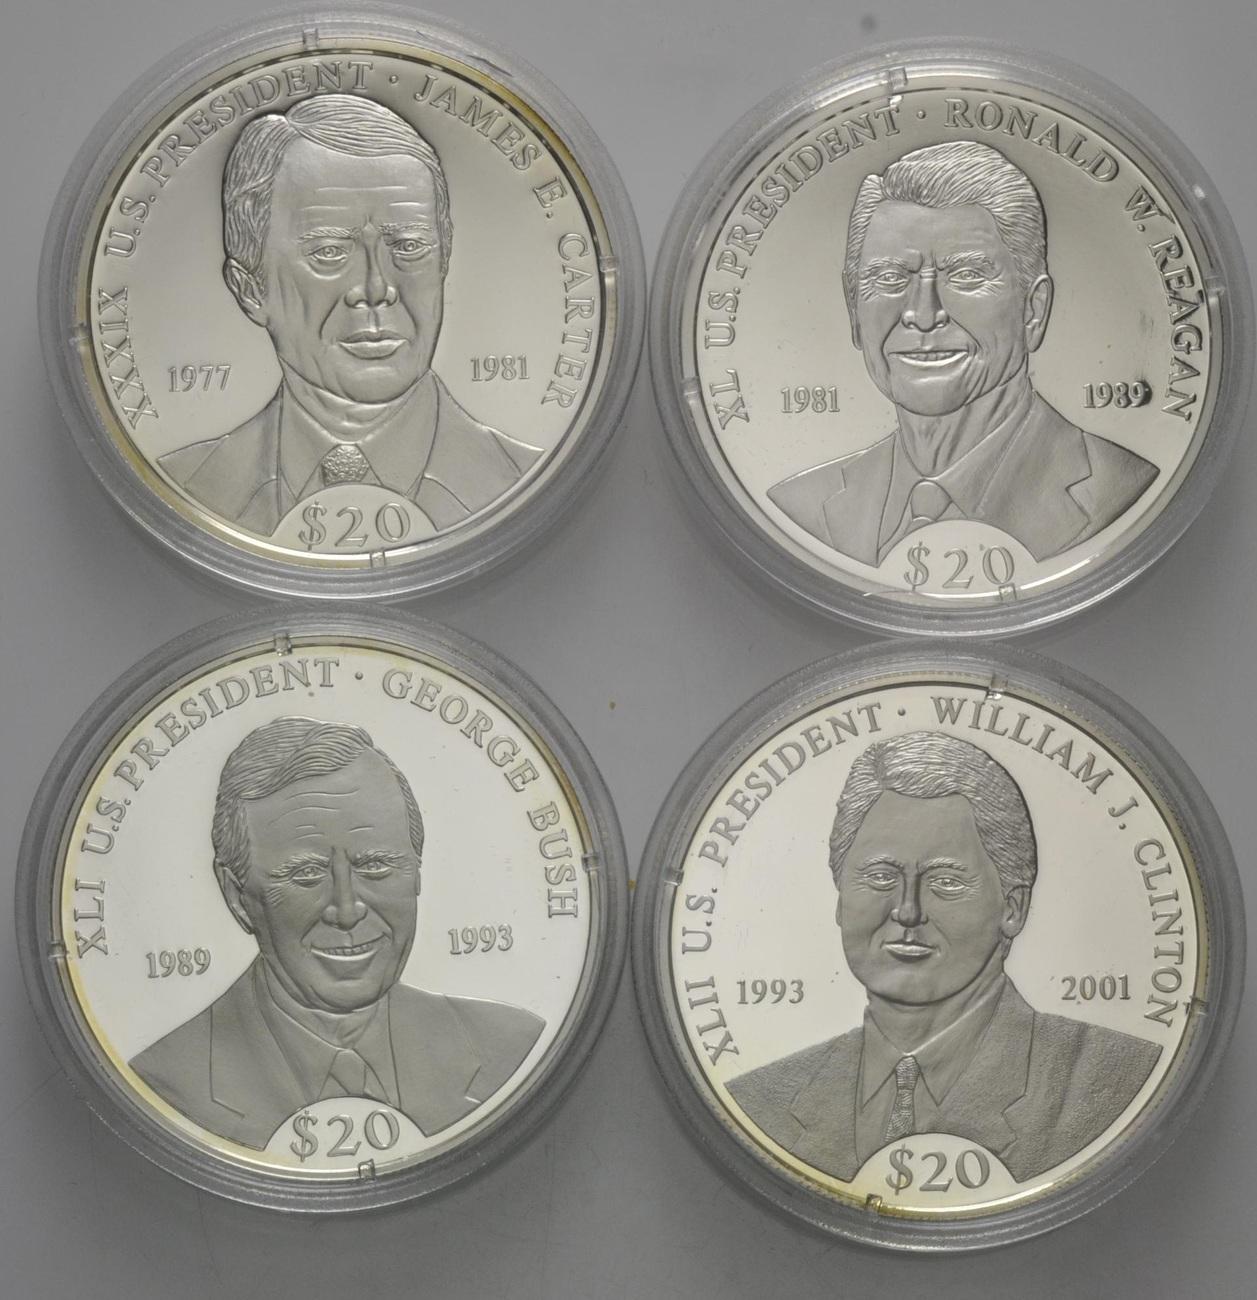 20 Dollars 2000 Liberia Präsidenten Der Vereinigten Staaten Von